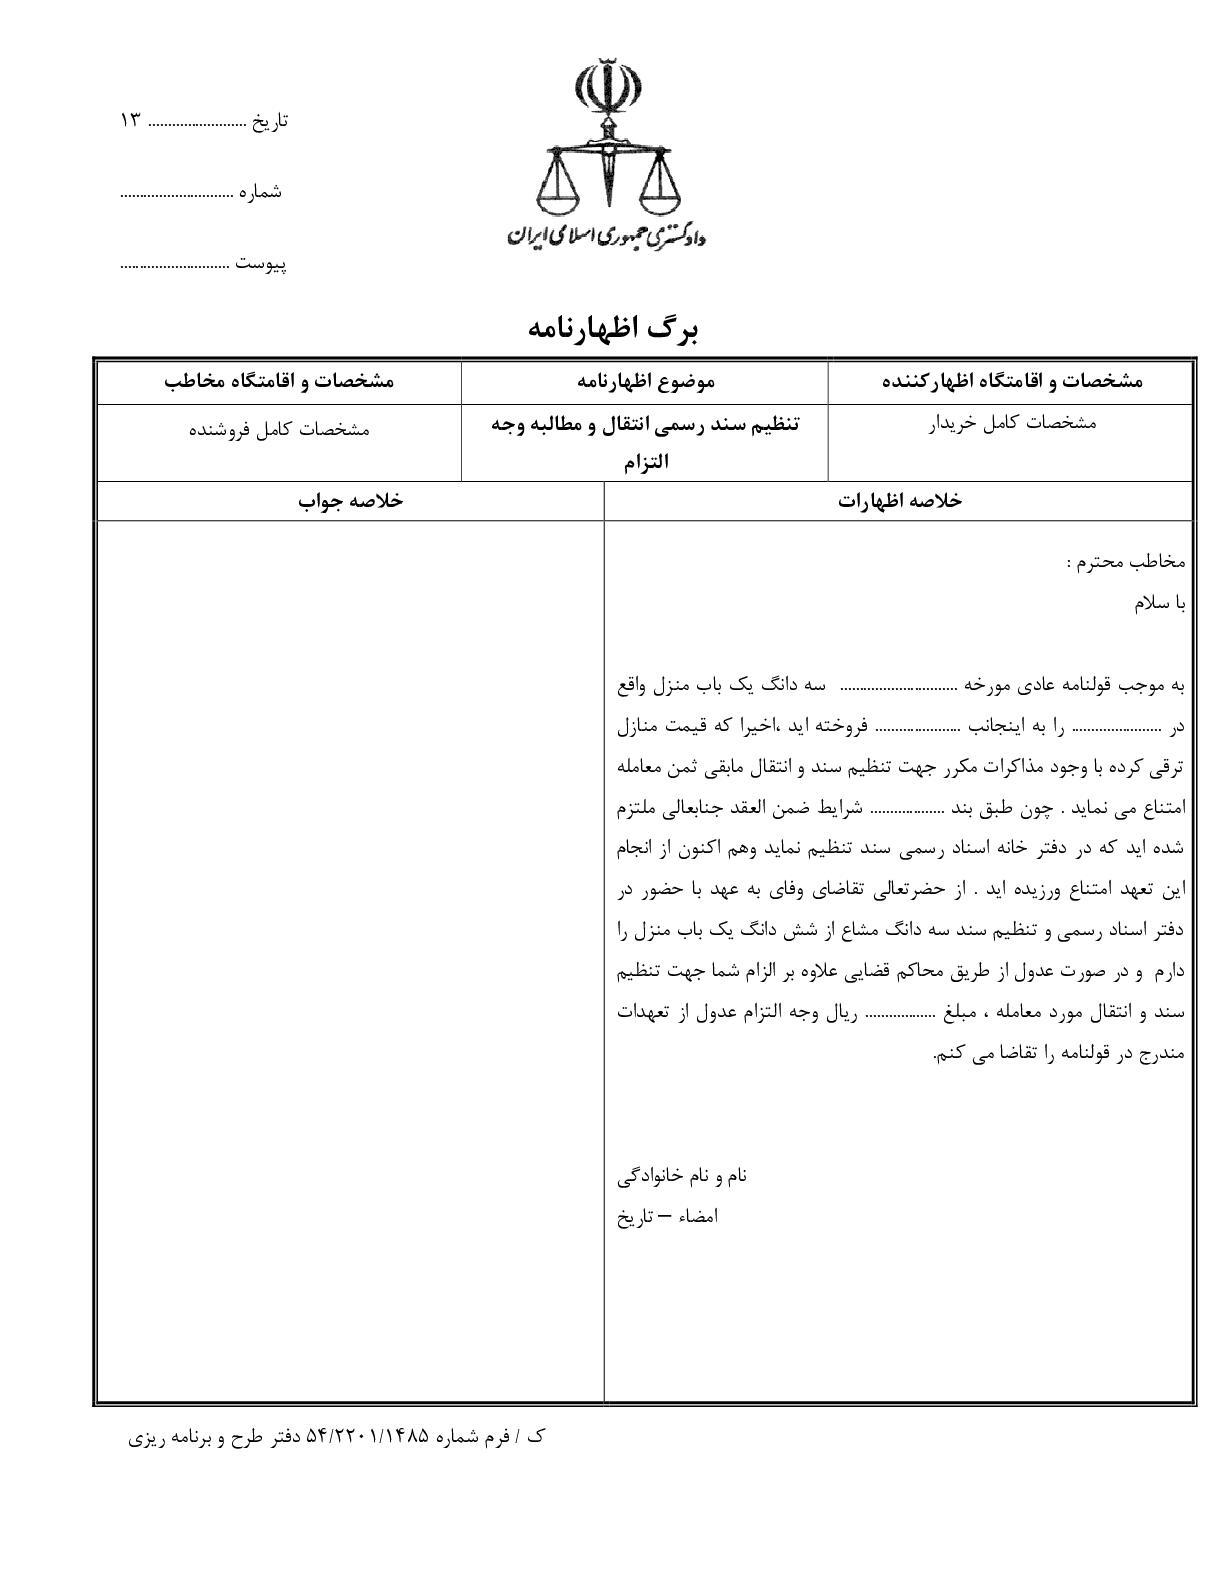 تنظیم سند رسمی انتقال و مطالبه وجه التزام